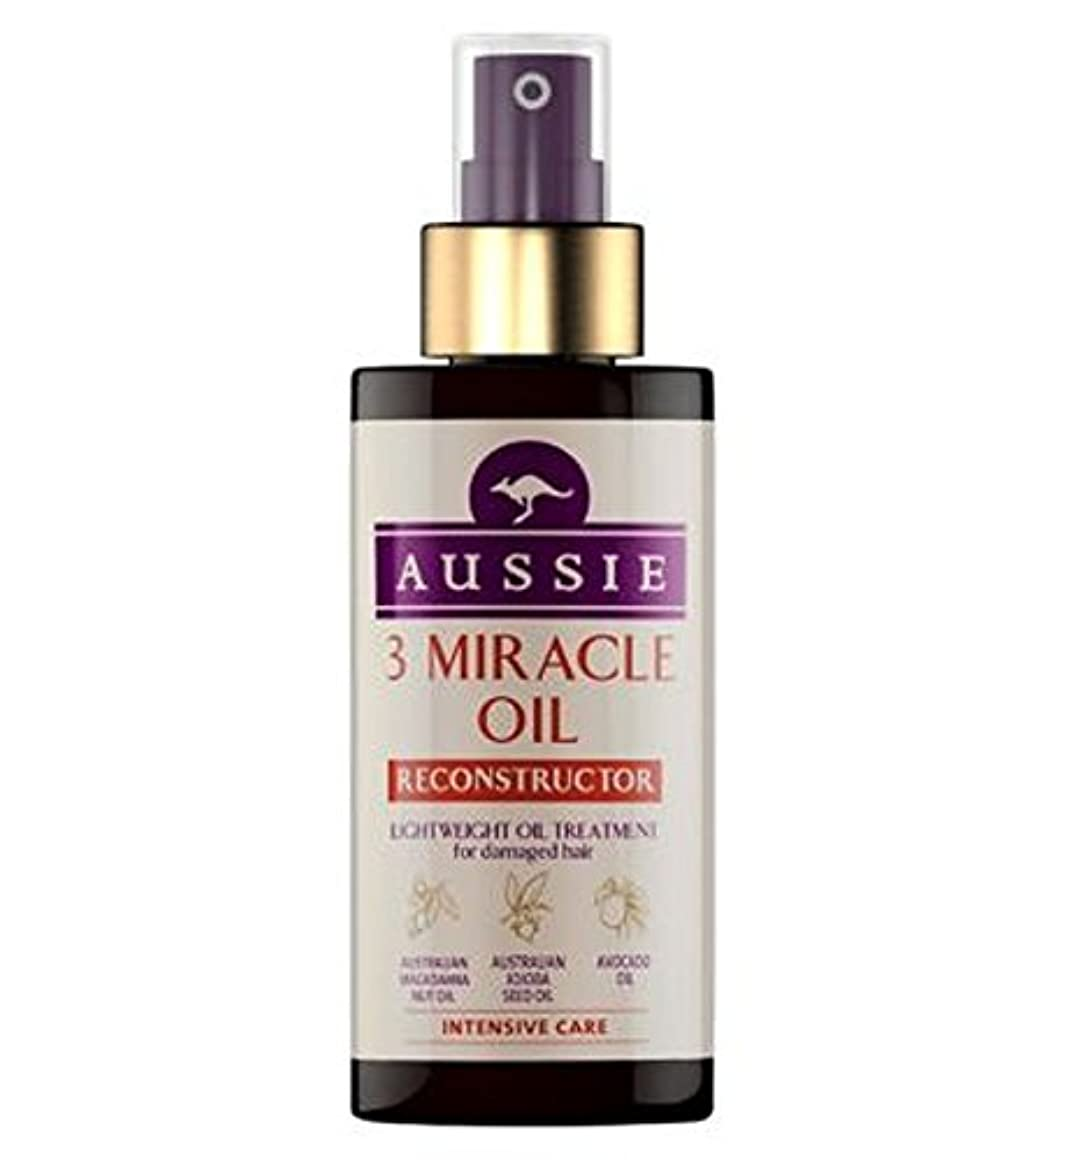 拮抗自発的反論者傷んだ髪の100ミリリットルのためのオージー3奇跡のオイル再構成 (Aussie) (x2) - Aussie 3 Miracle Oil Reconstructor for Damaged Hair 100ml (Pack of 2) [並行輸入品]